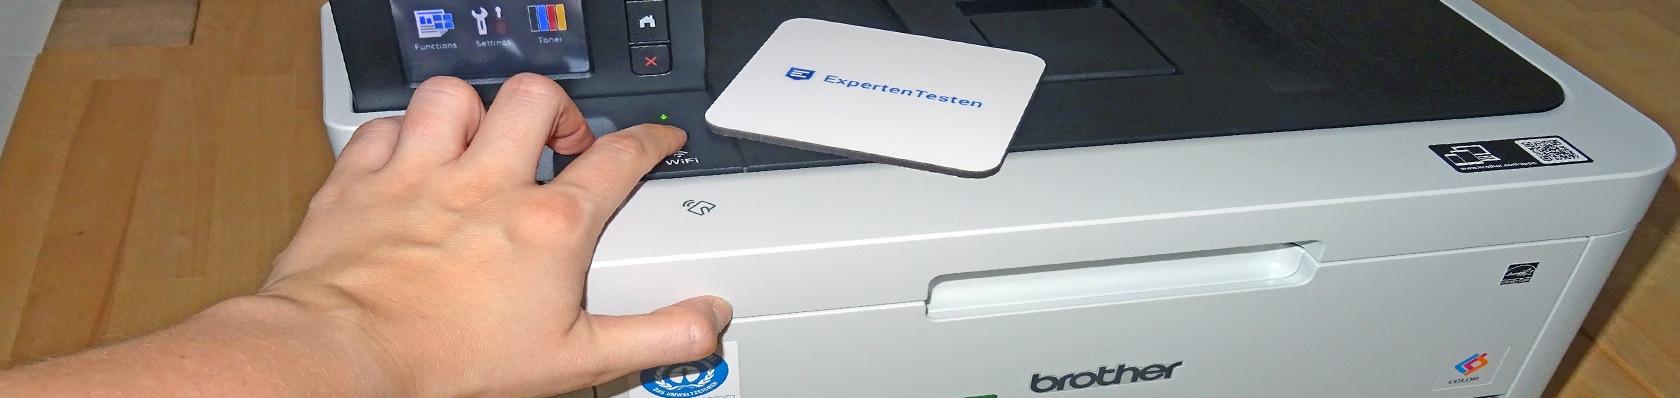 Farblaserdrucker im Test auf ExpertenTesten.de